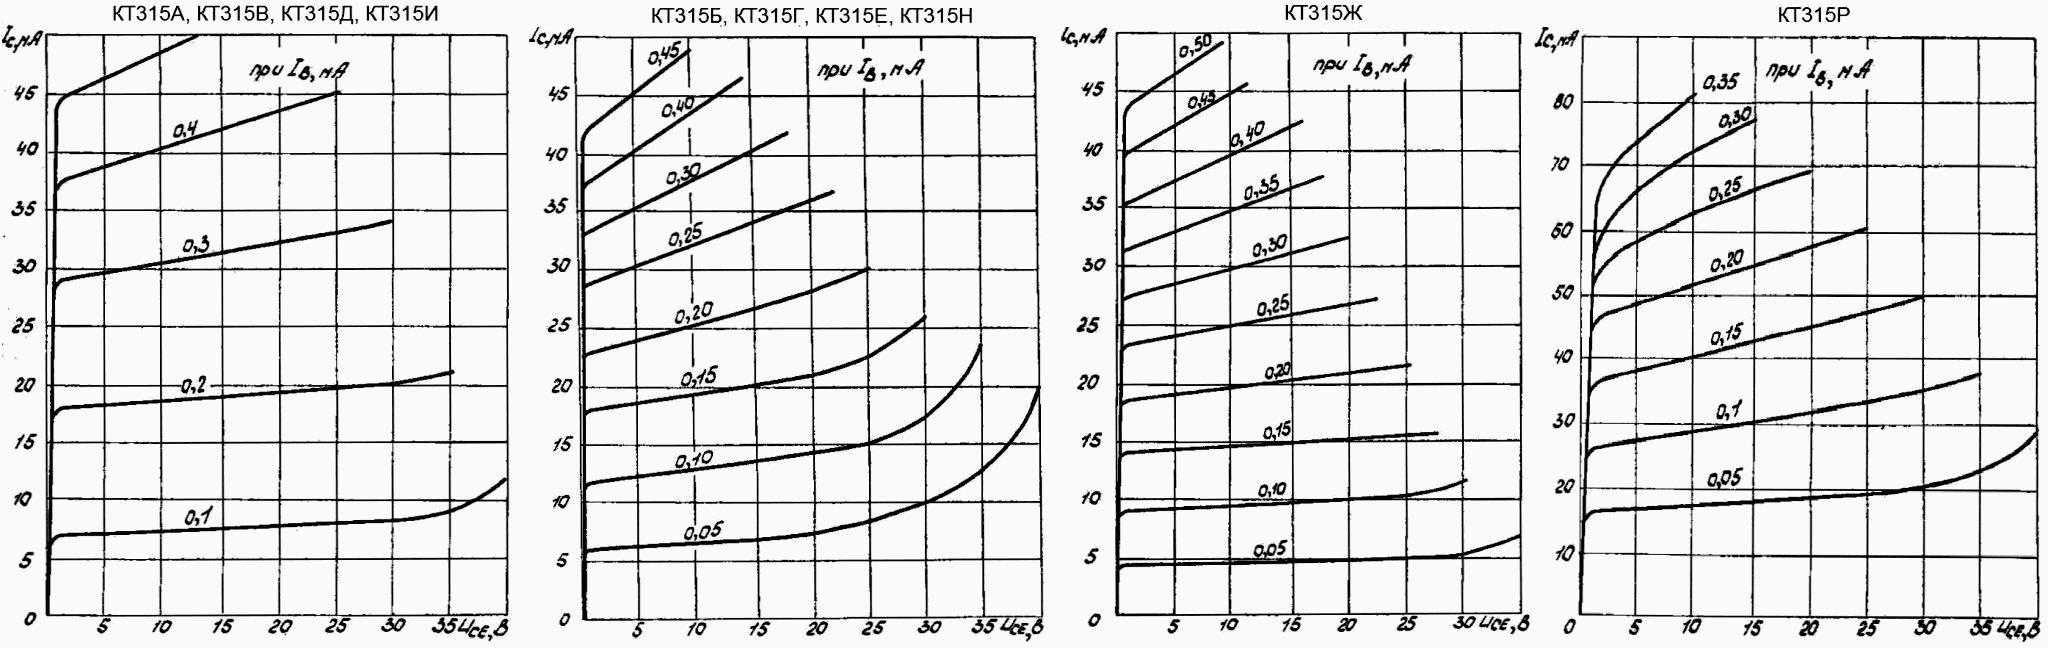 Типовые выходные характеристики транзисторов типа КТ315